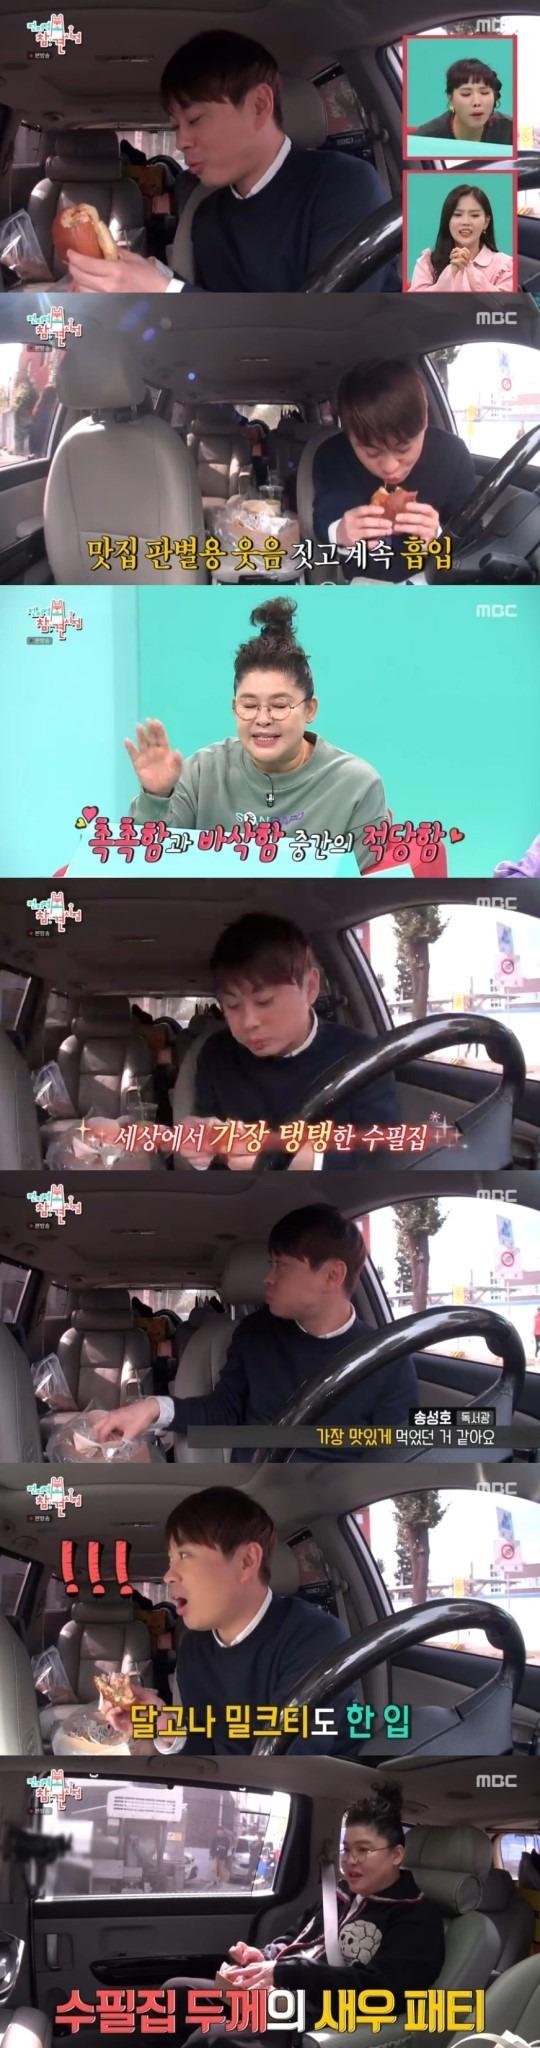 MBC '전지적 참견 시점' 이영자 새우버거 /사진=MBC 방송화면 캡처